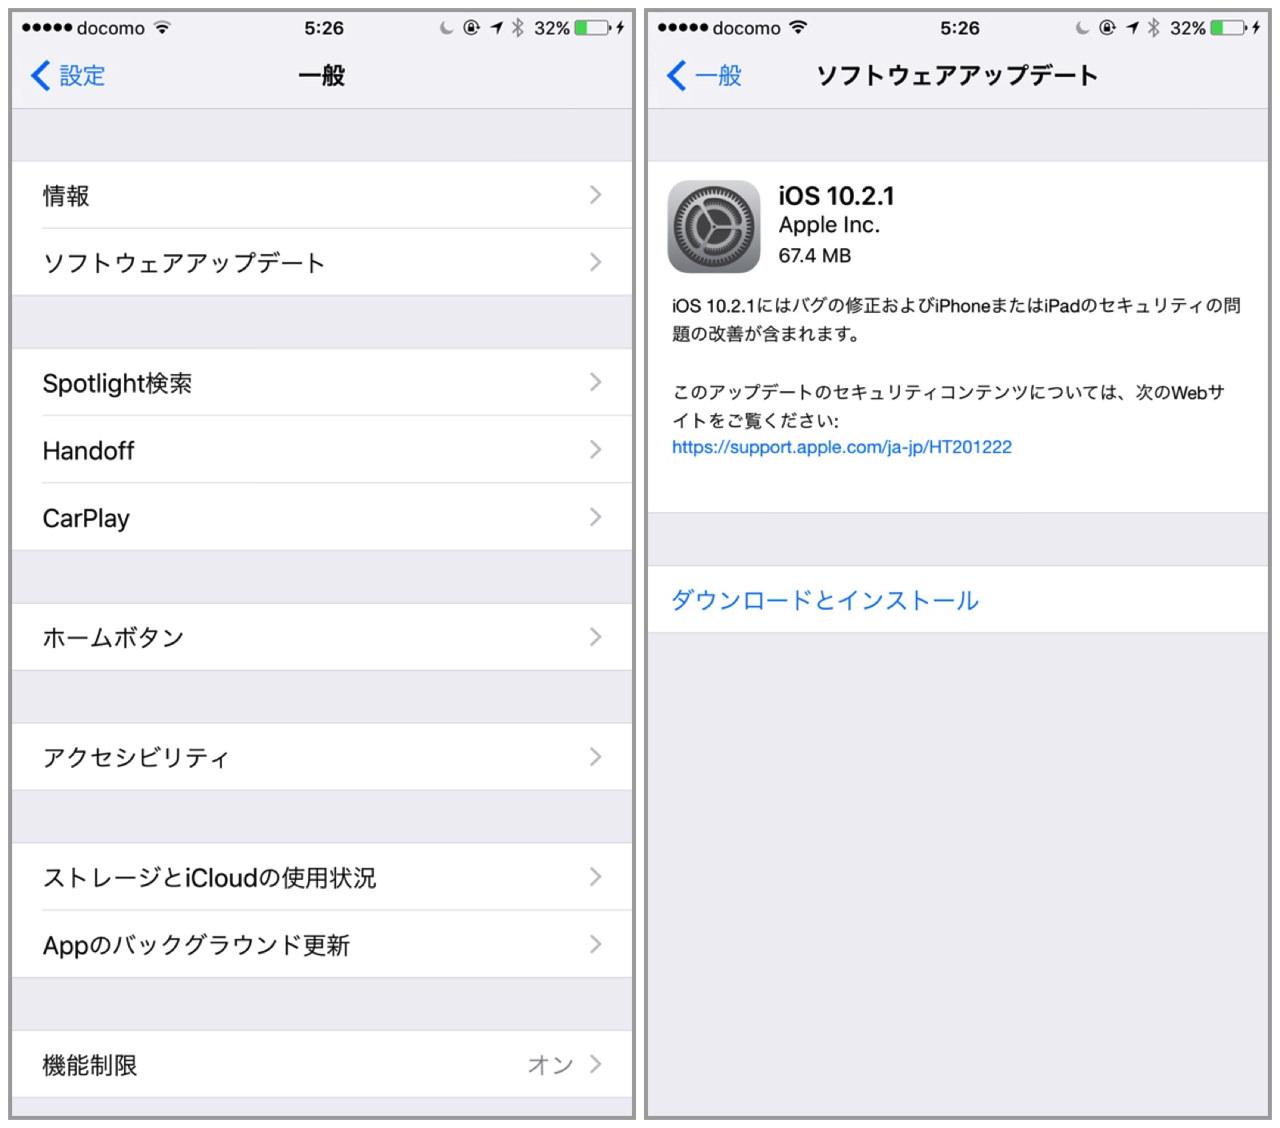 「iOS 10.2.1」ソフトウェア・アップデート